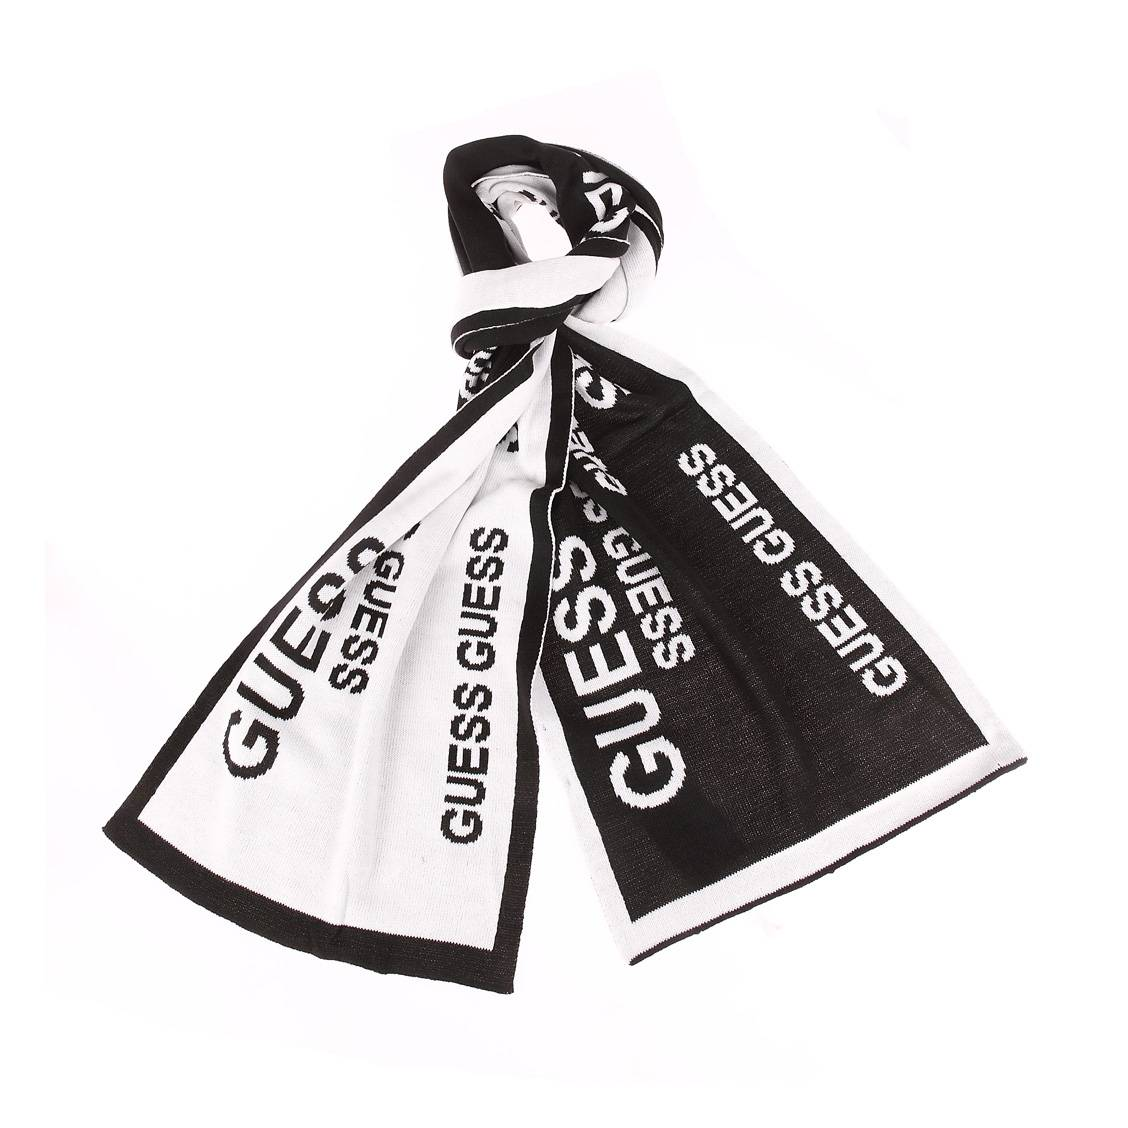 Echarpe  noire à bords blancs et monogrammée en blanc réversible